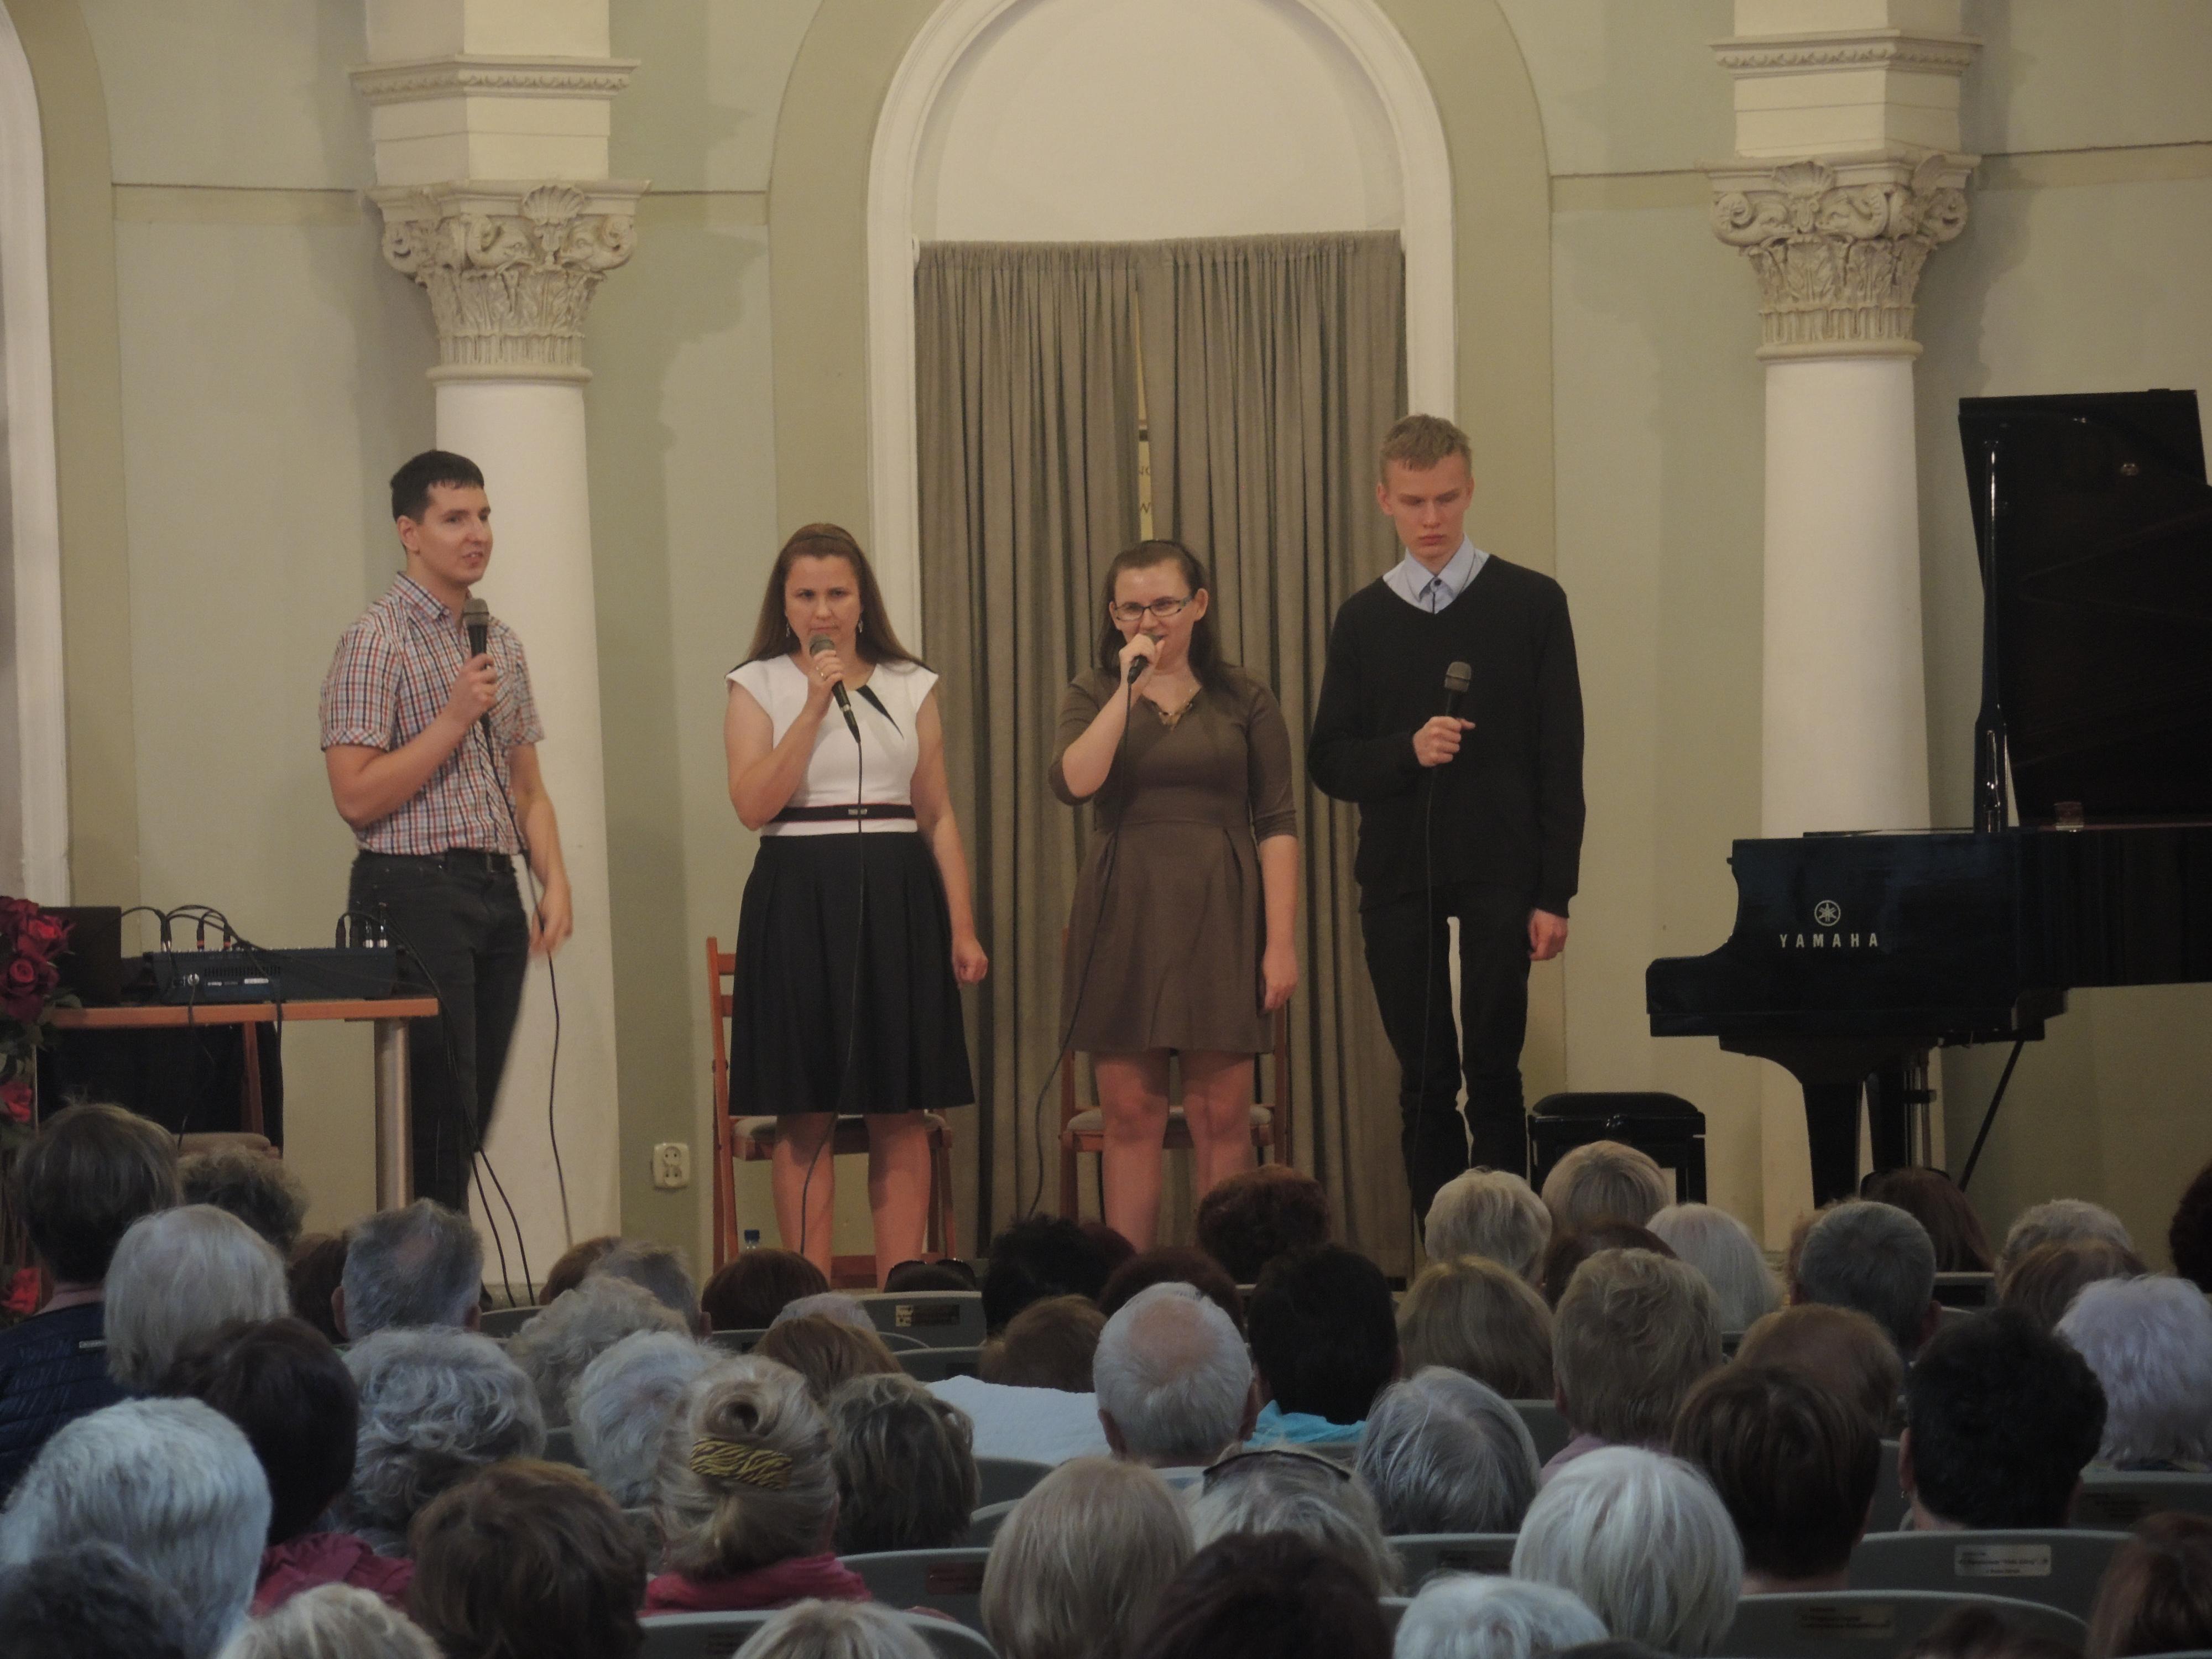 Zdjęcie zrobione z oddali. Cztery osoby (dwie kobiety i dwóch mężczyzna) stoją na scenie. W dłoniach trzymają mikrofony.